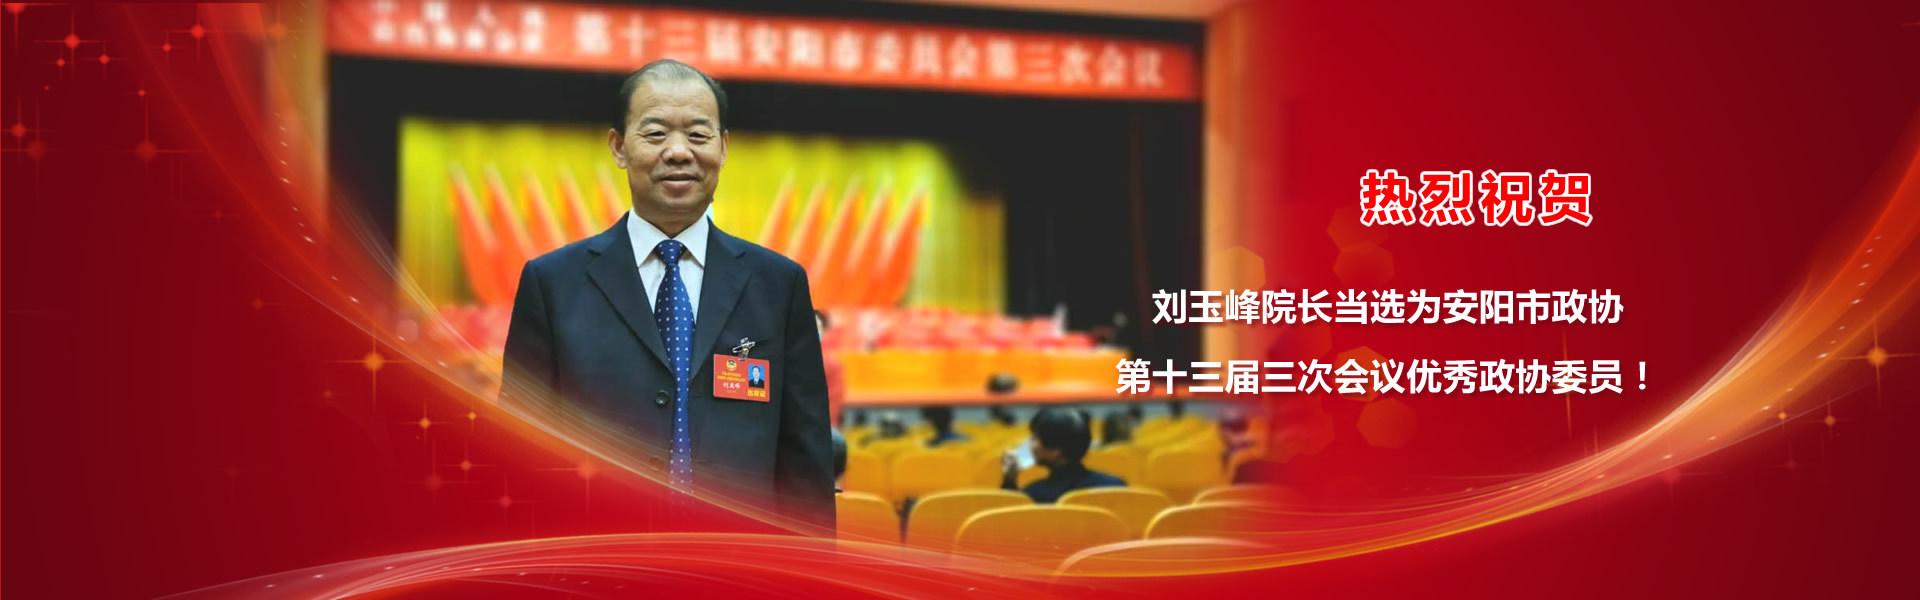 热烈祝贺刘玉峰院长当选为安阳市政协第十三届三次会议优秀政协委员!